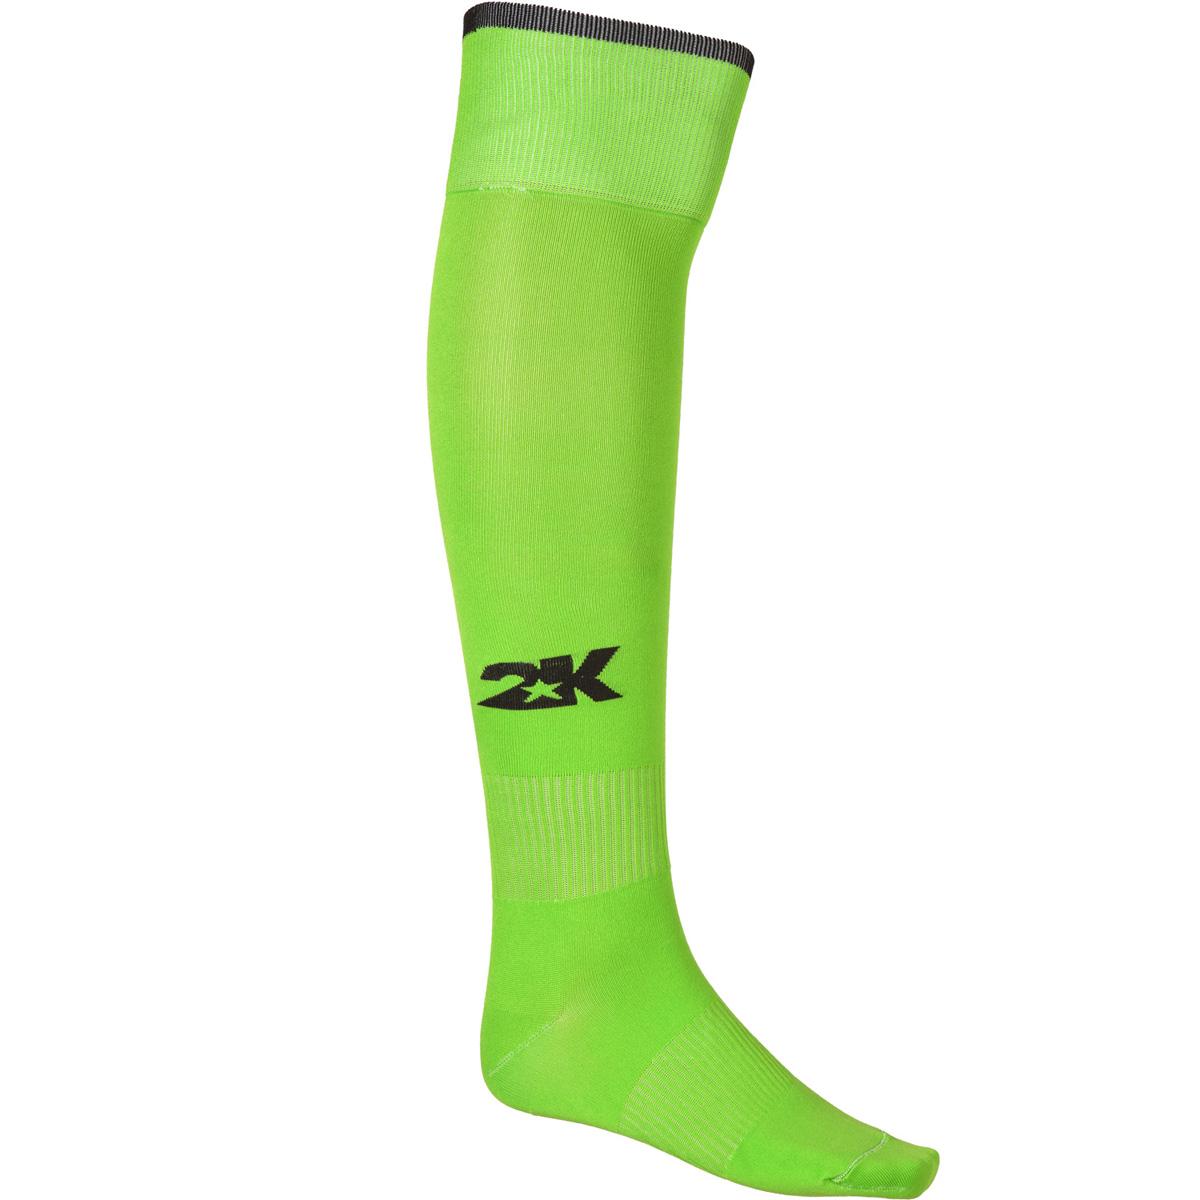 Гетры футбольные 2K Sport Classic, цвет: светло-зеленый, черный. 120334. Размер 36/40120334_light-green/blackКлассические футбольные гетры выполнены из высококачественного материала. Оформлены логотипом бренда.